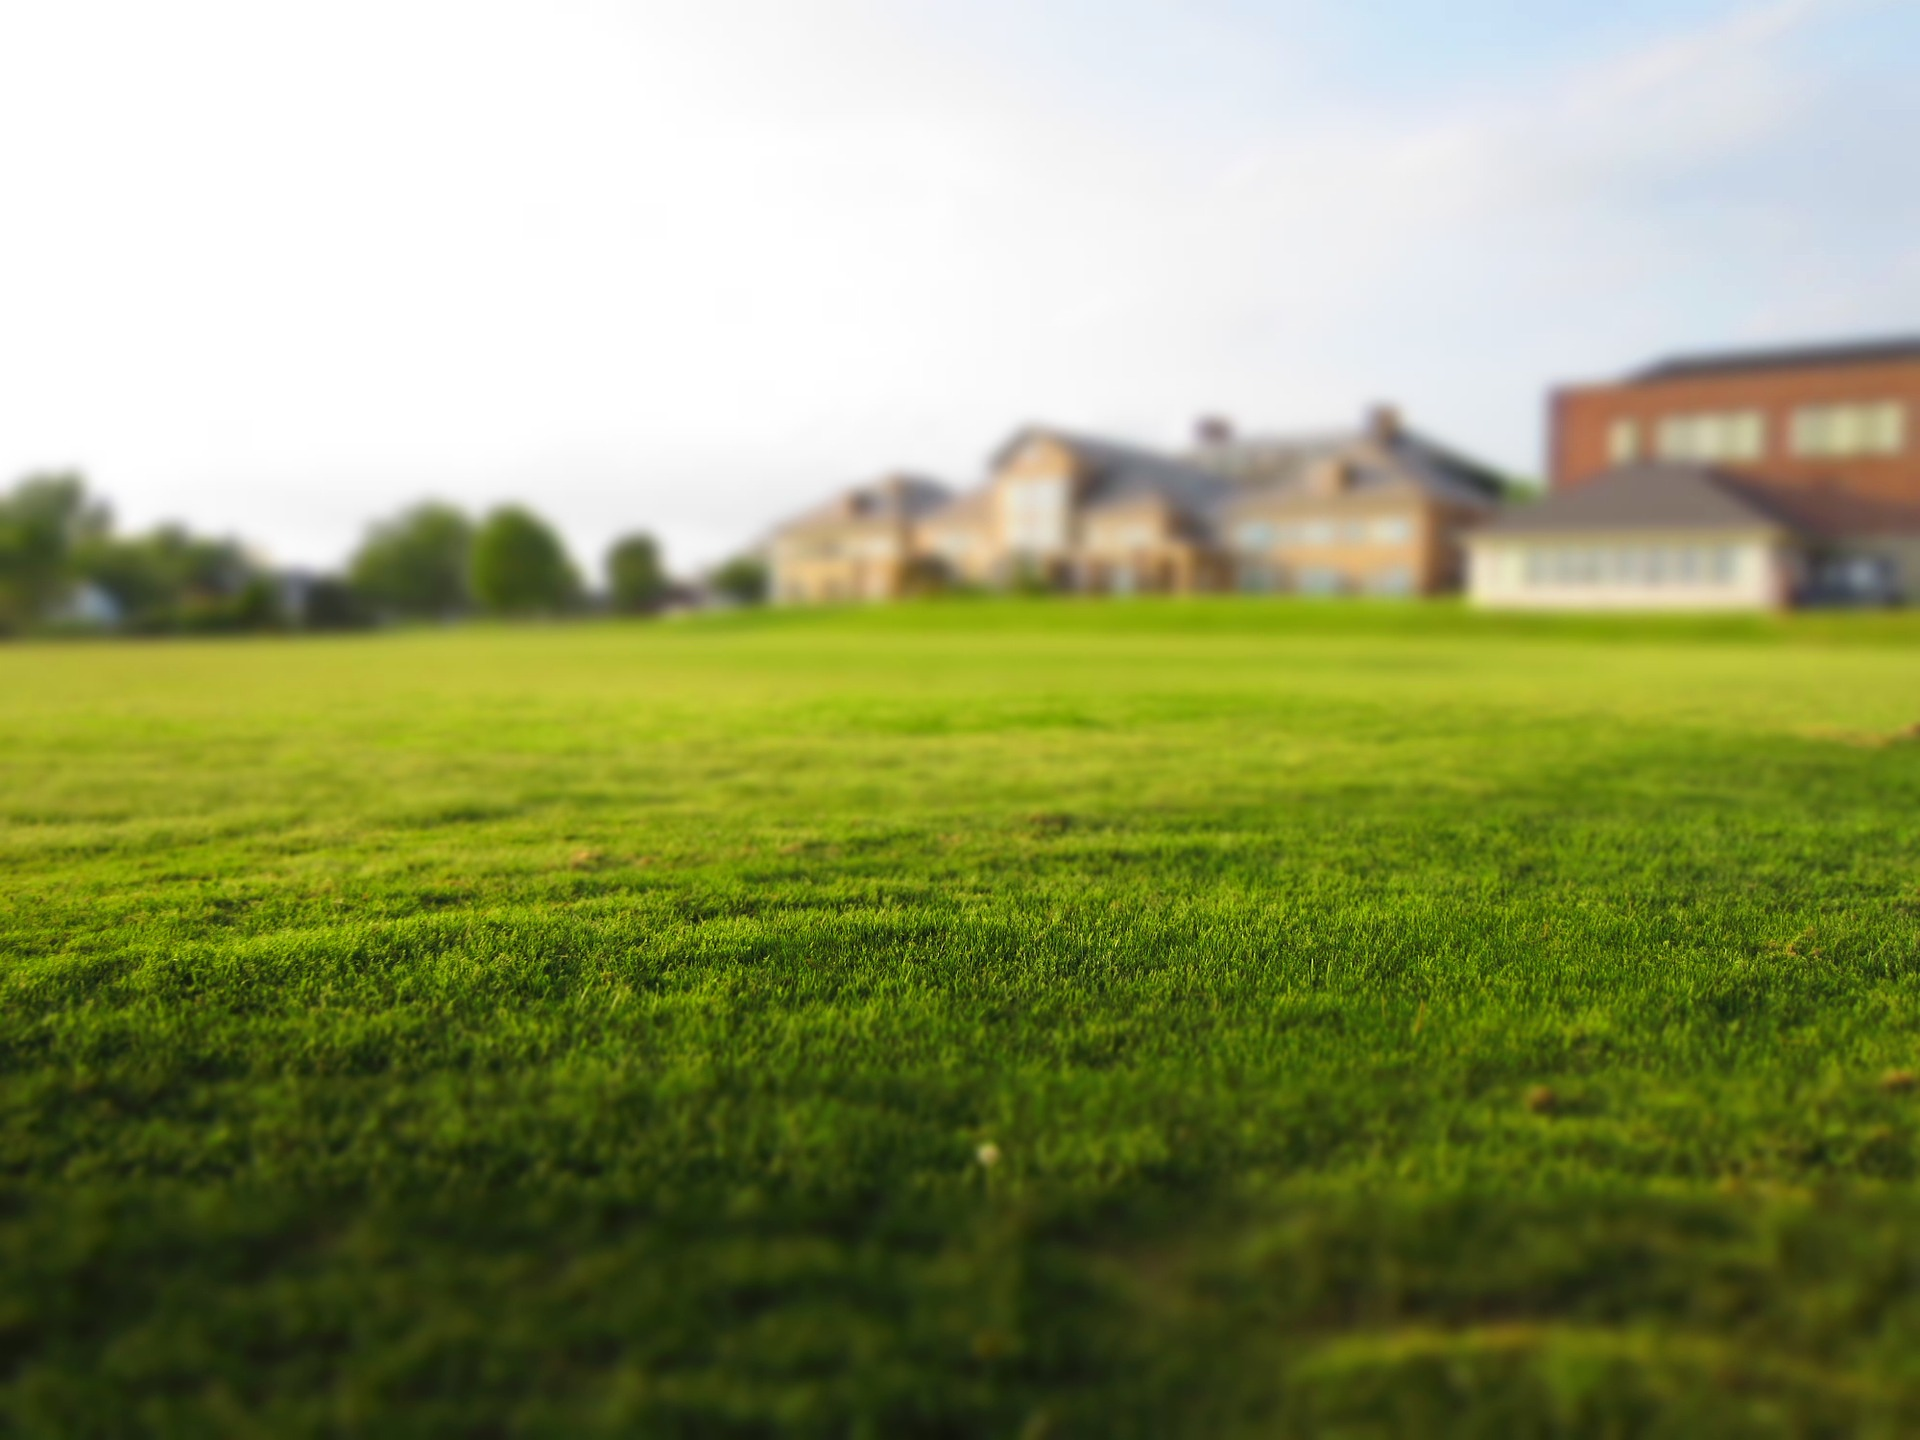 Ein schöner Rasen braucht viel Pflege